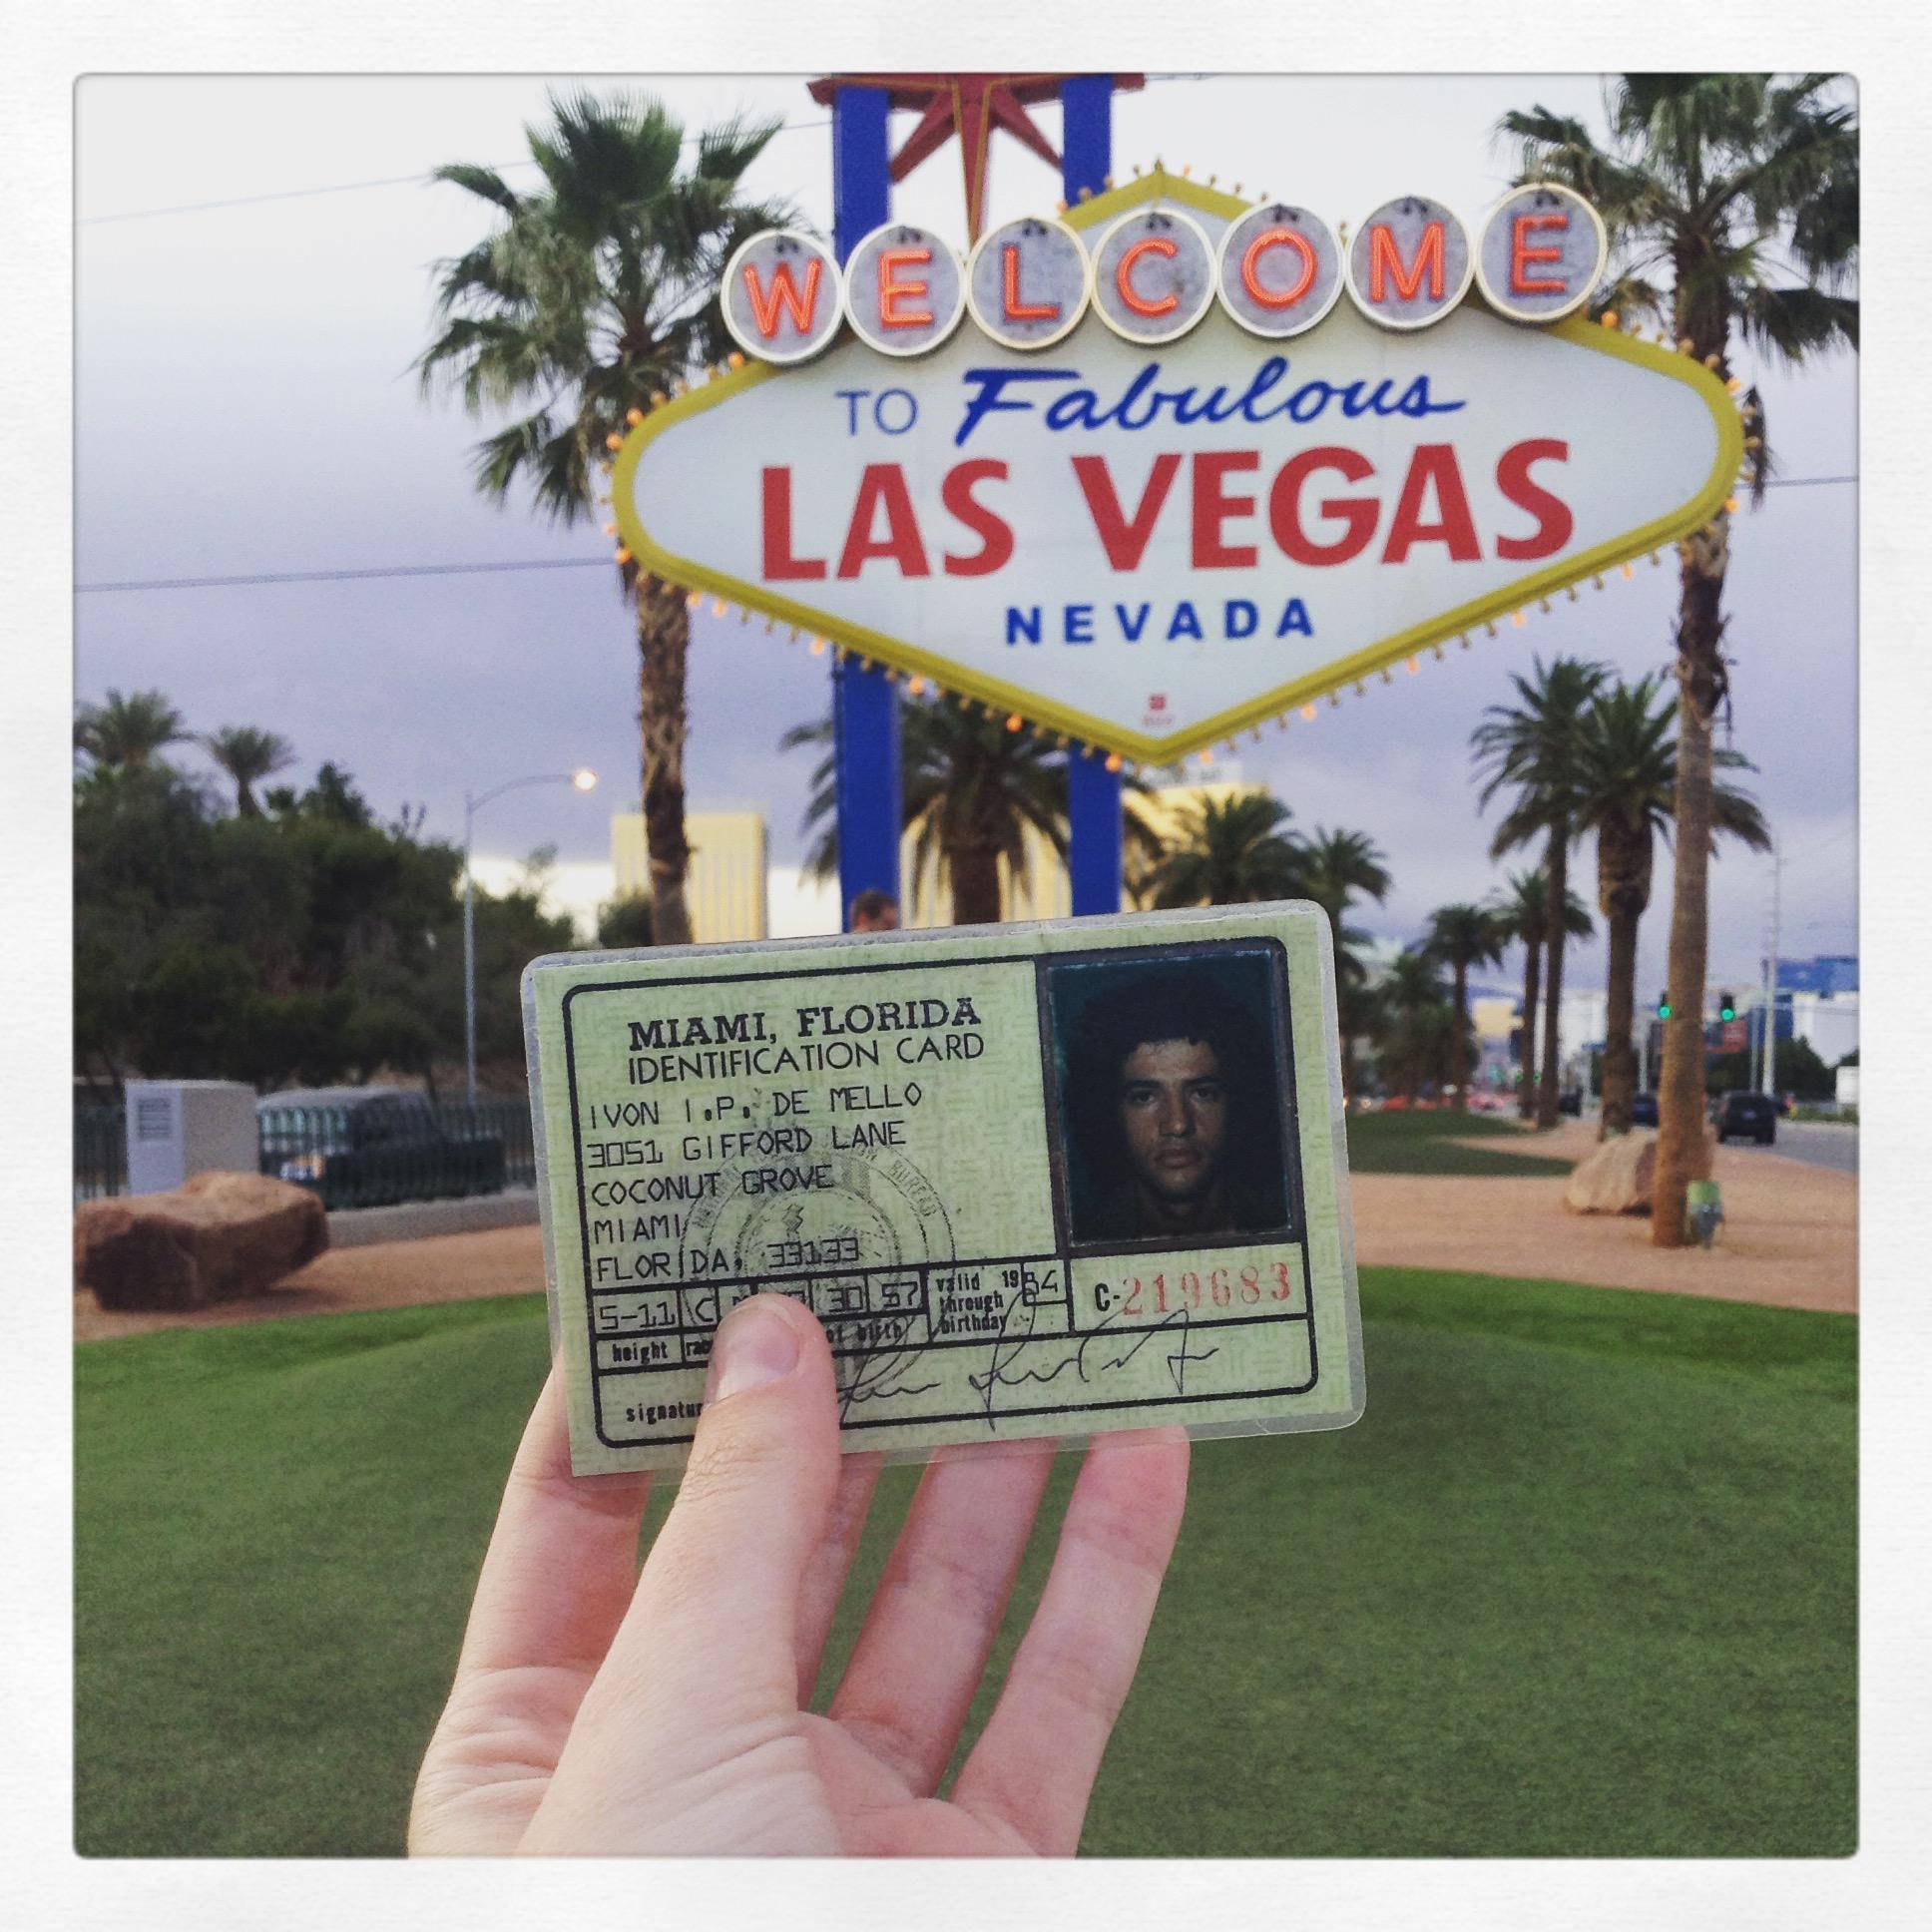 Las Vegas (1)